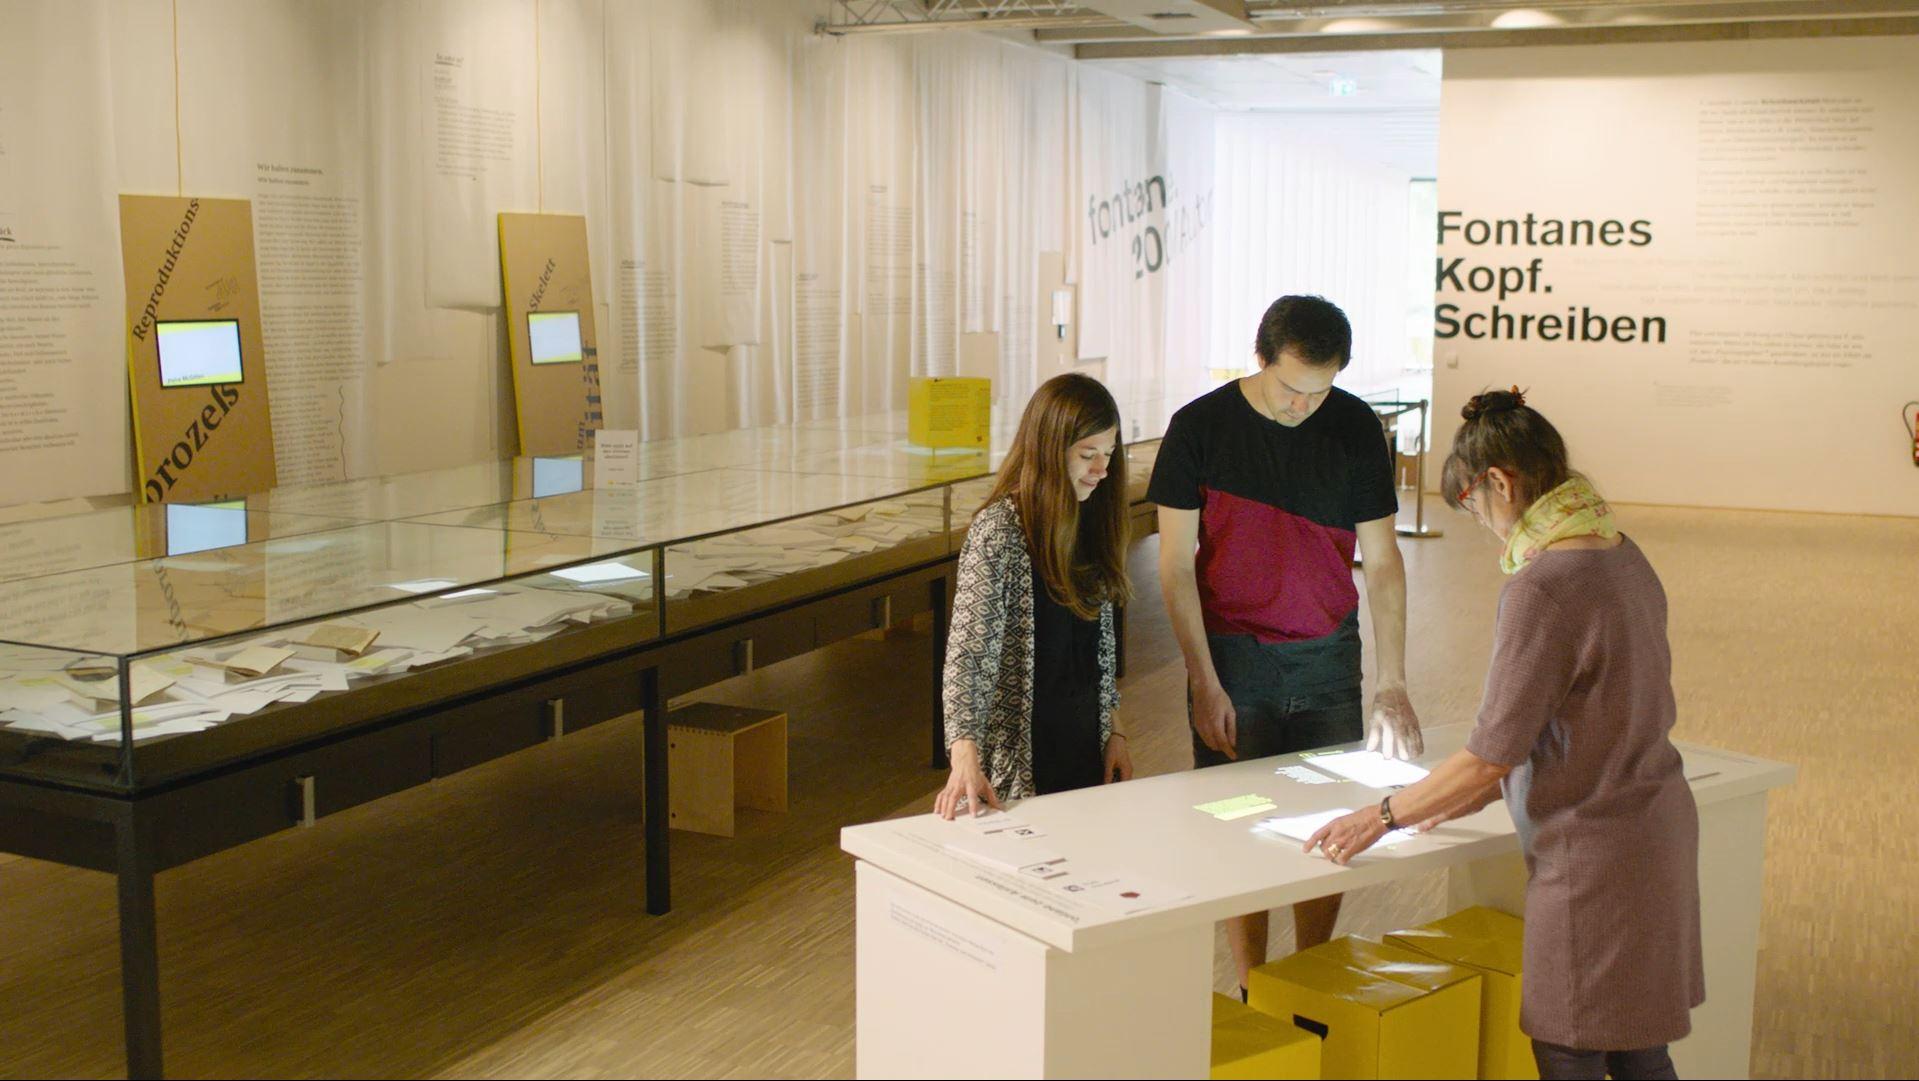 3 Personen am interaktiven Tisch entdecken Fontane